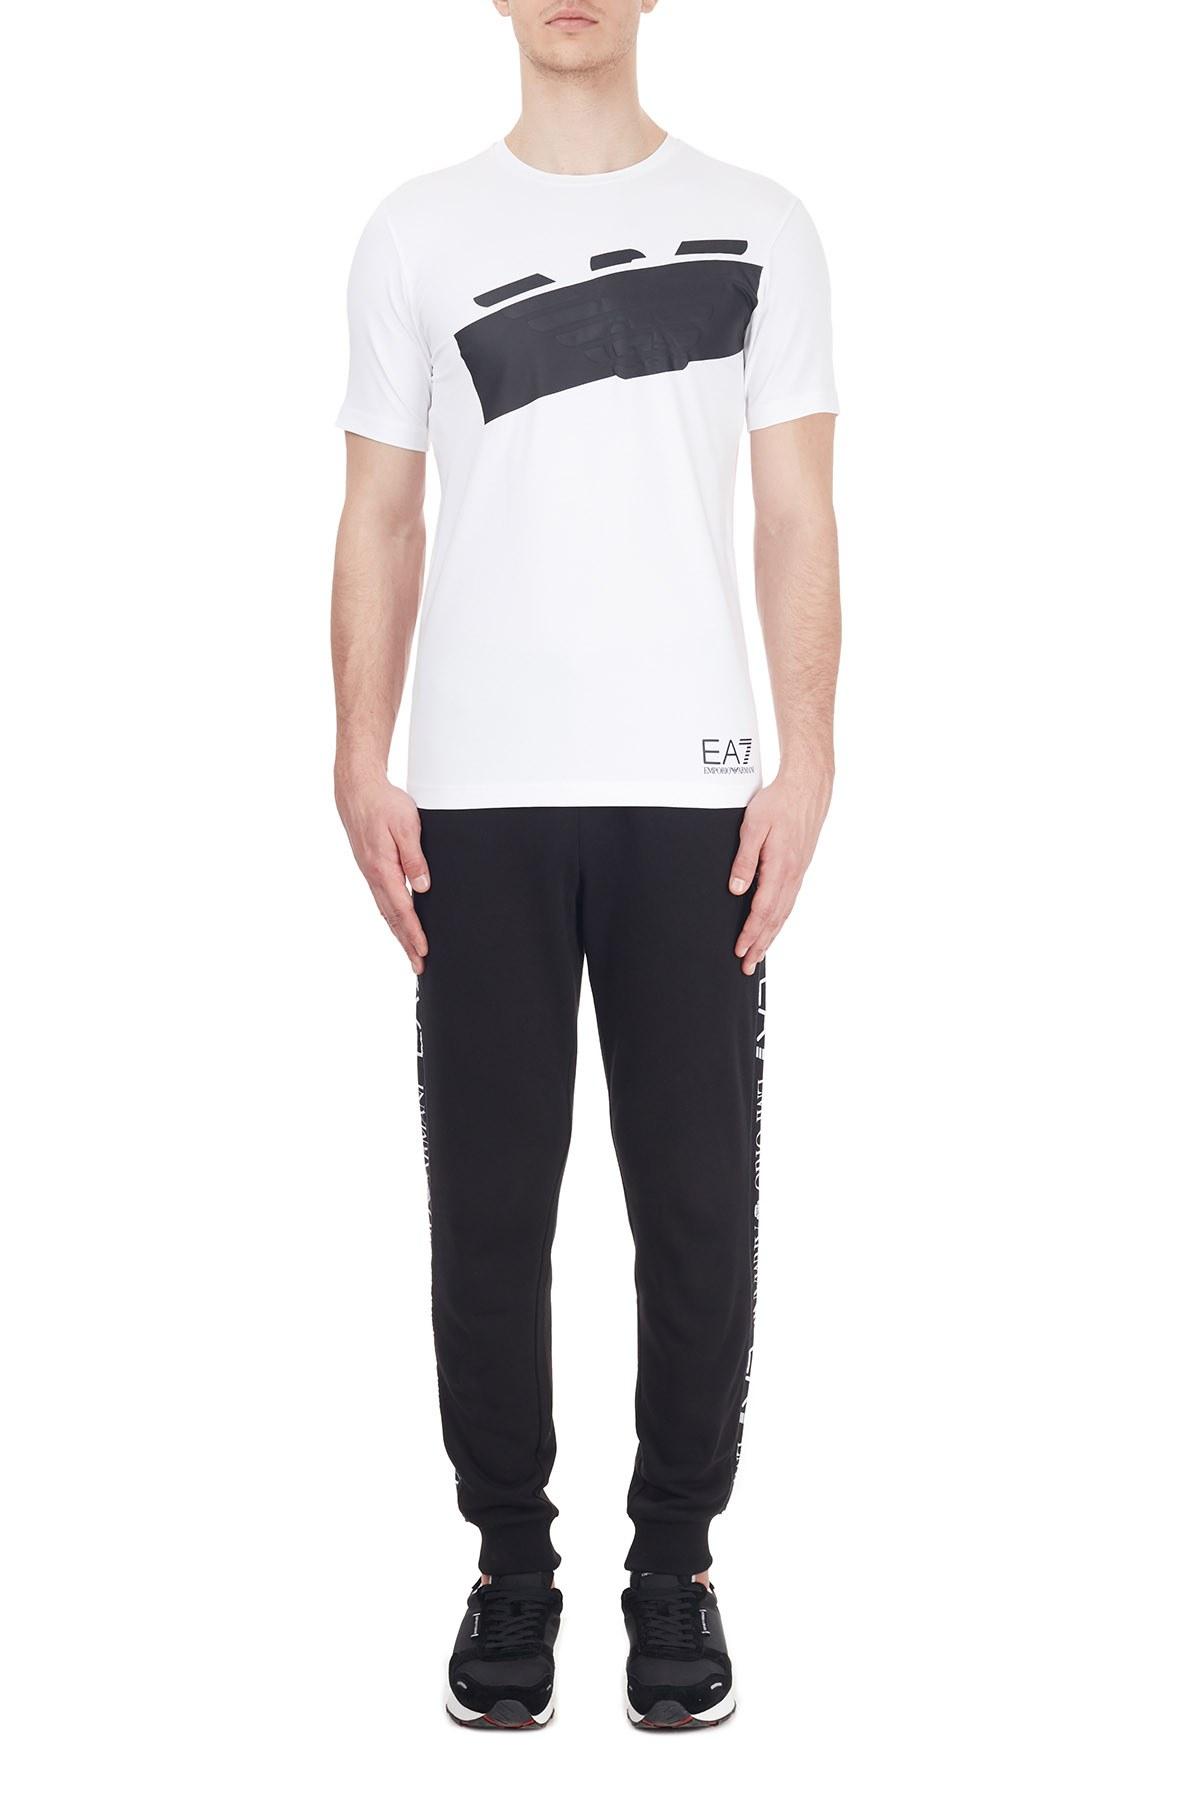 EA7 Erkek T Shirt 6HPT31 PJ3NZ 1100 BEYAZ